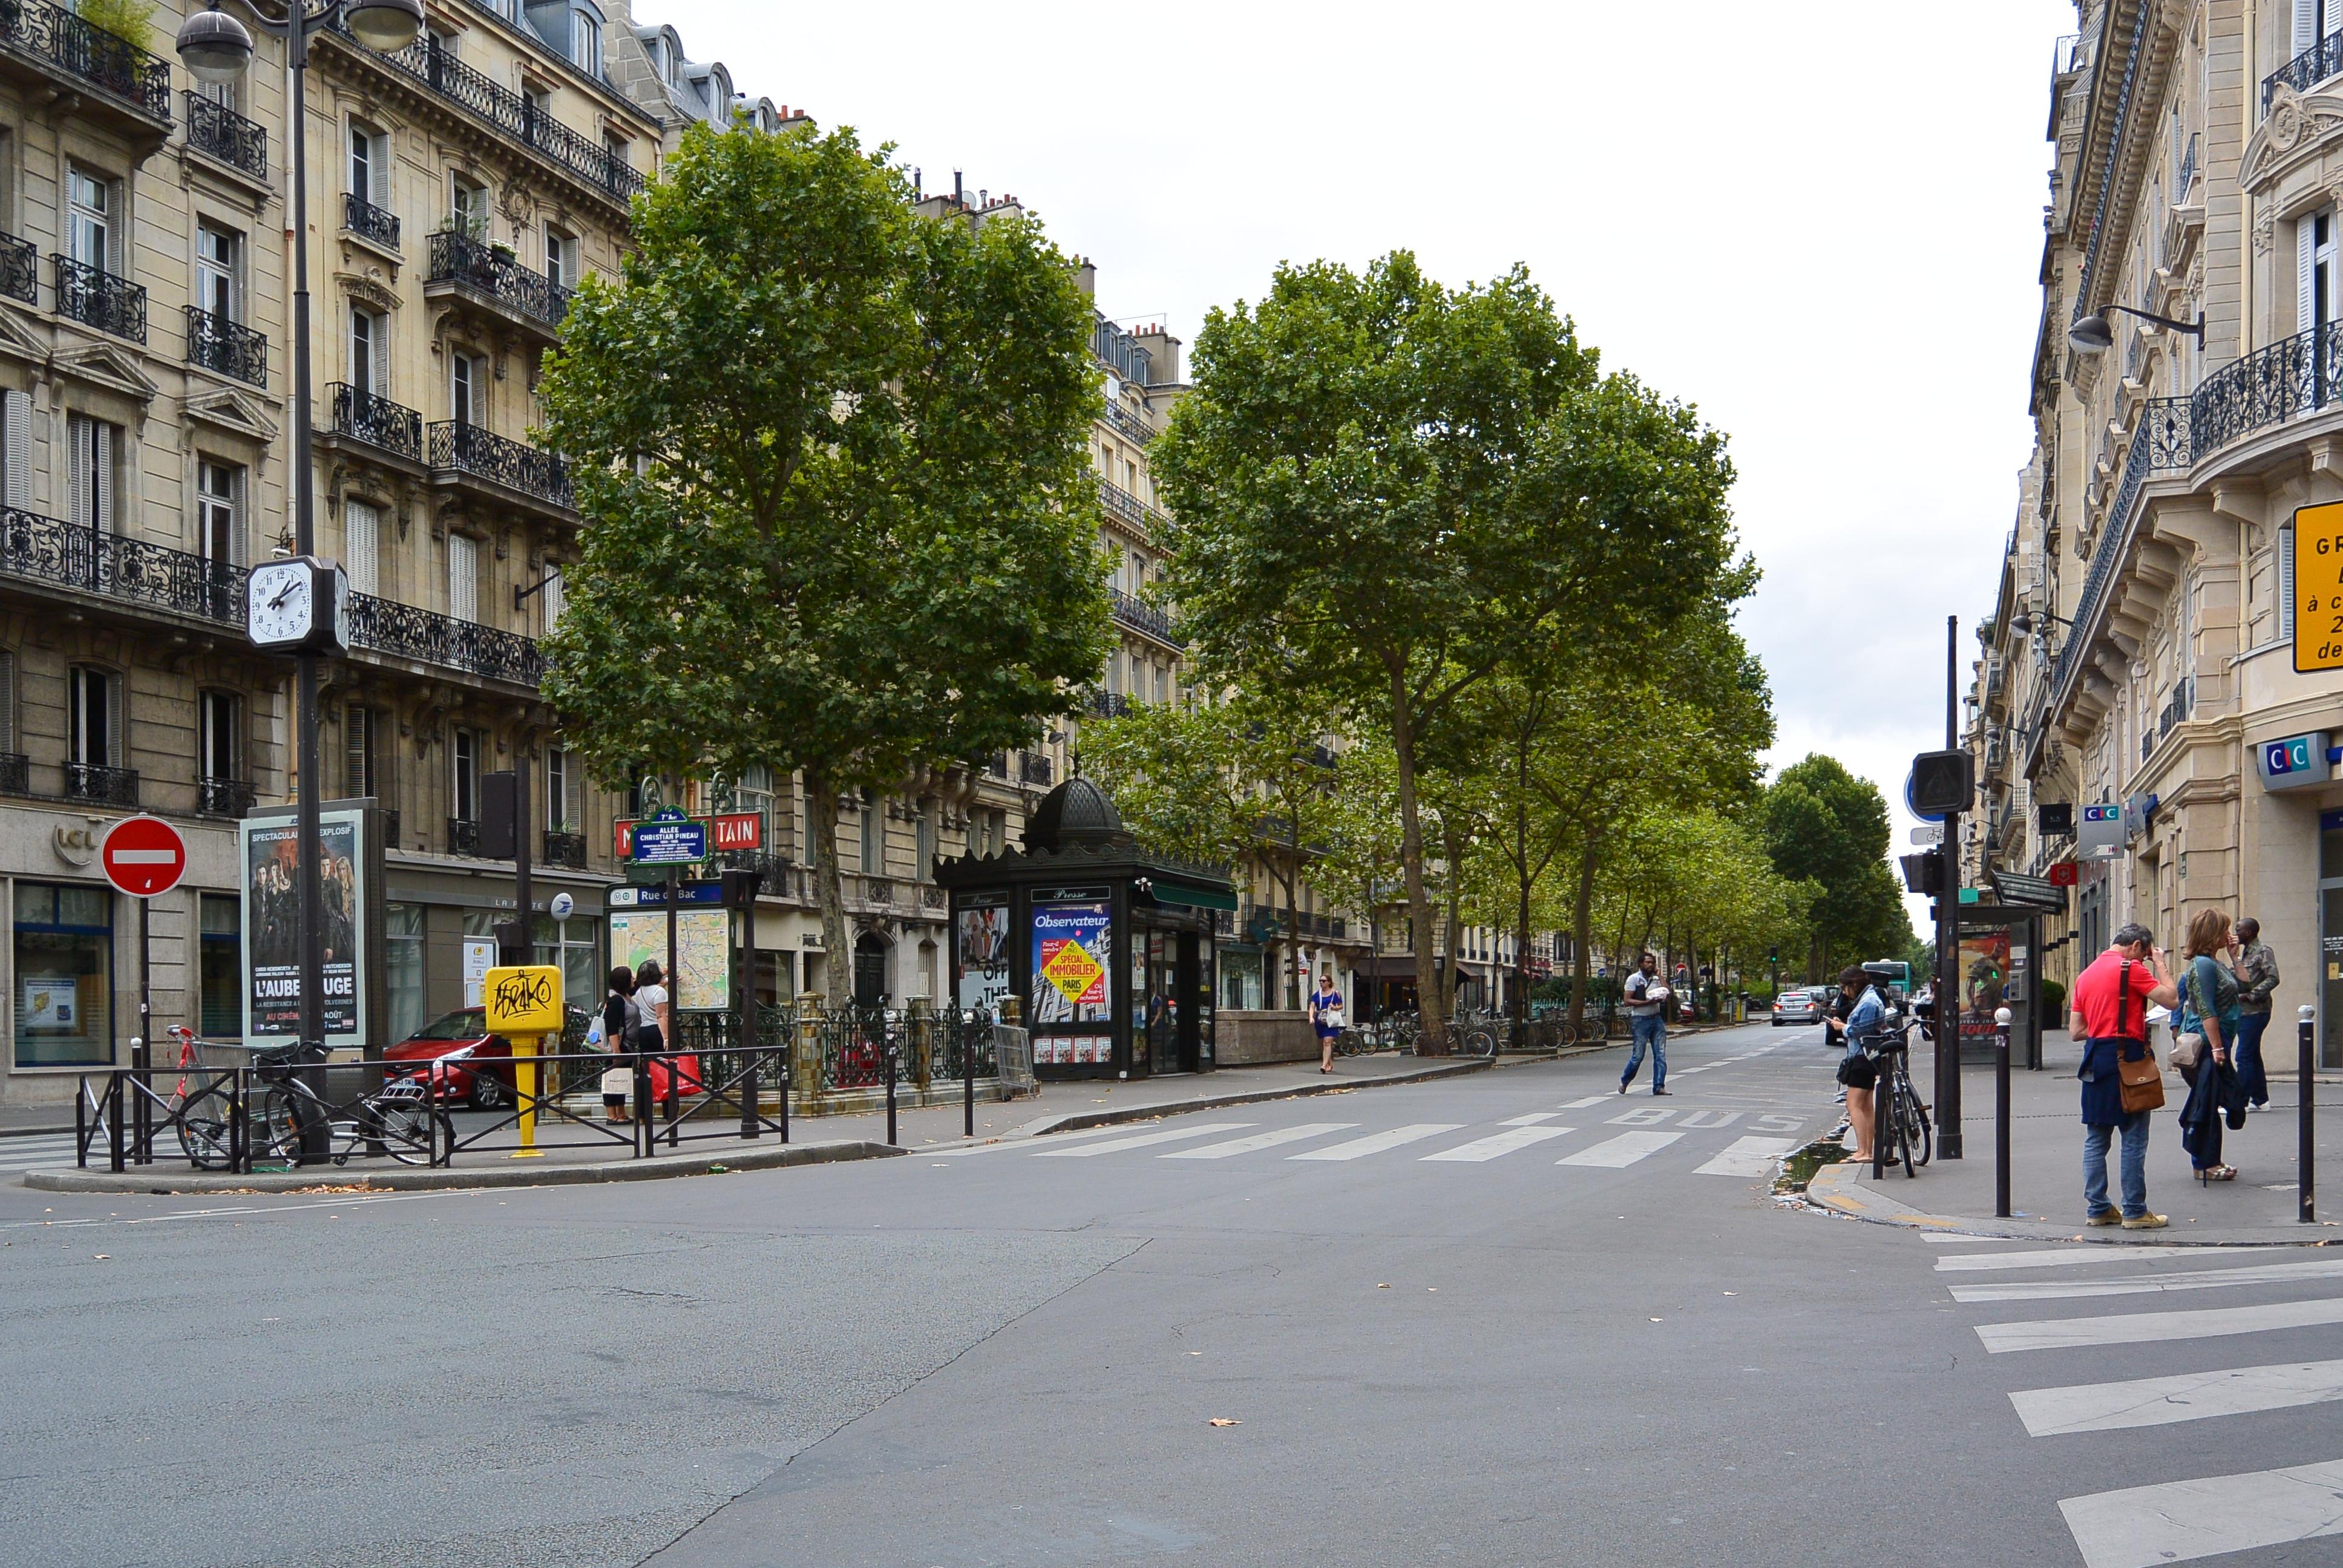 23 Rue Du Cherche Midi boulevard raspail - wikipedia